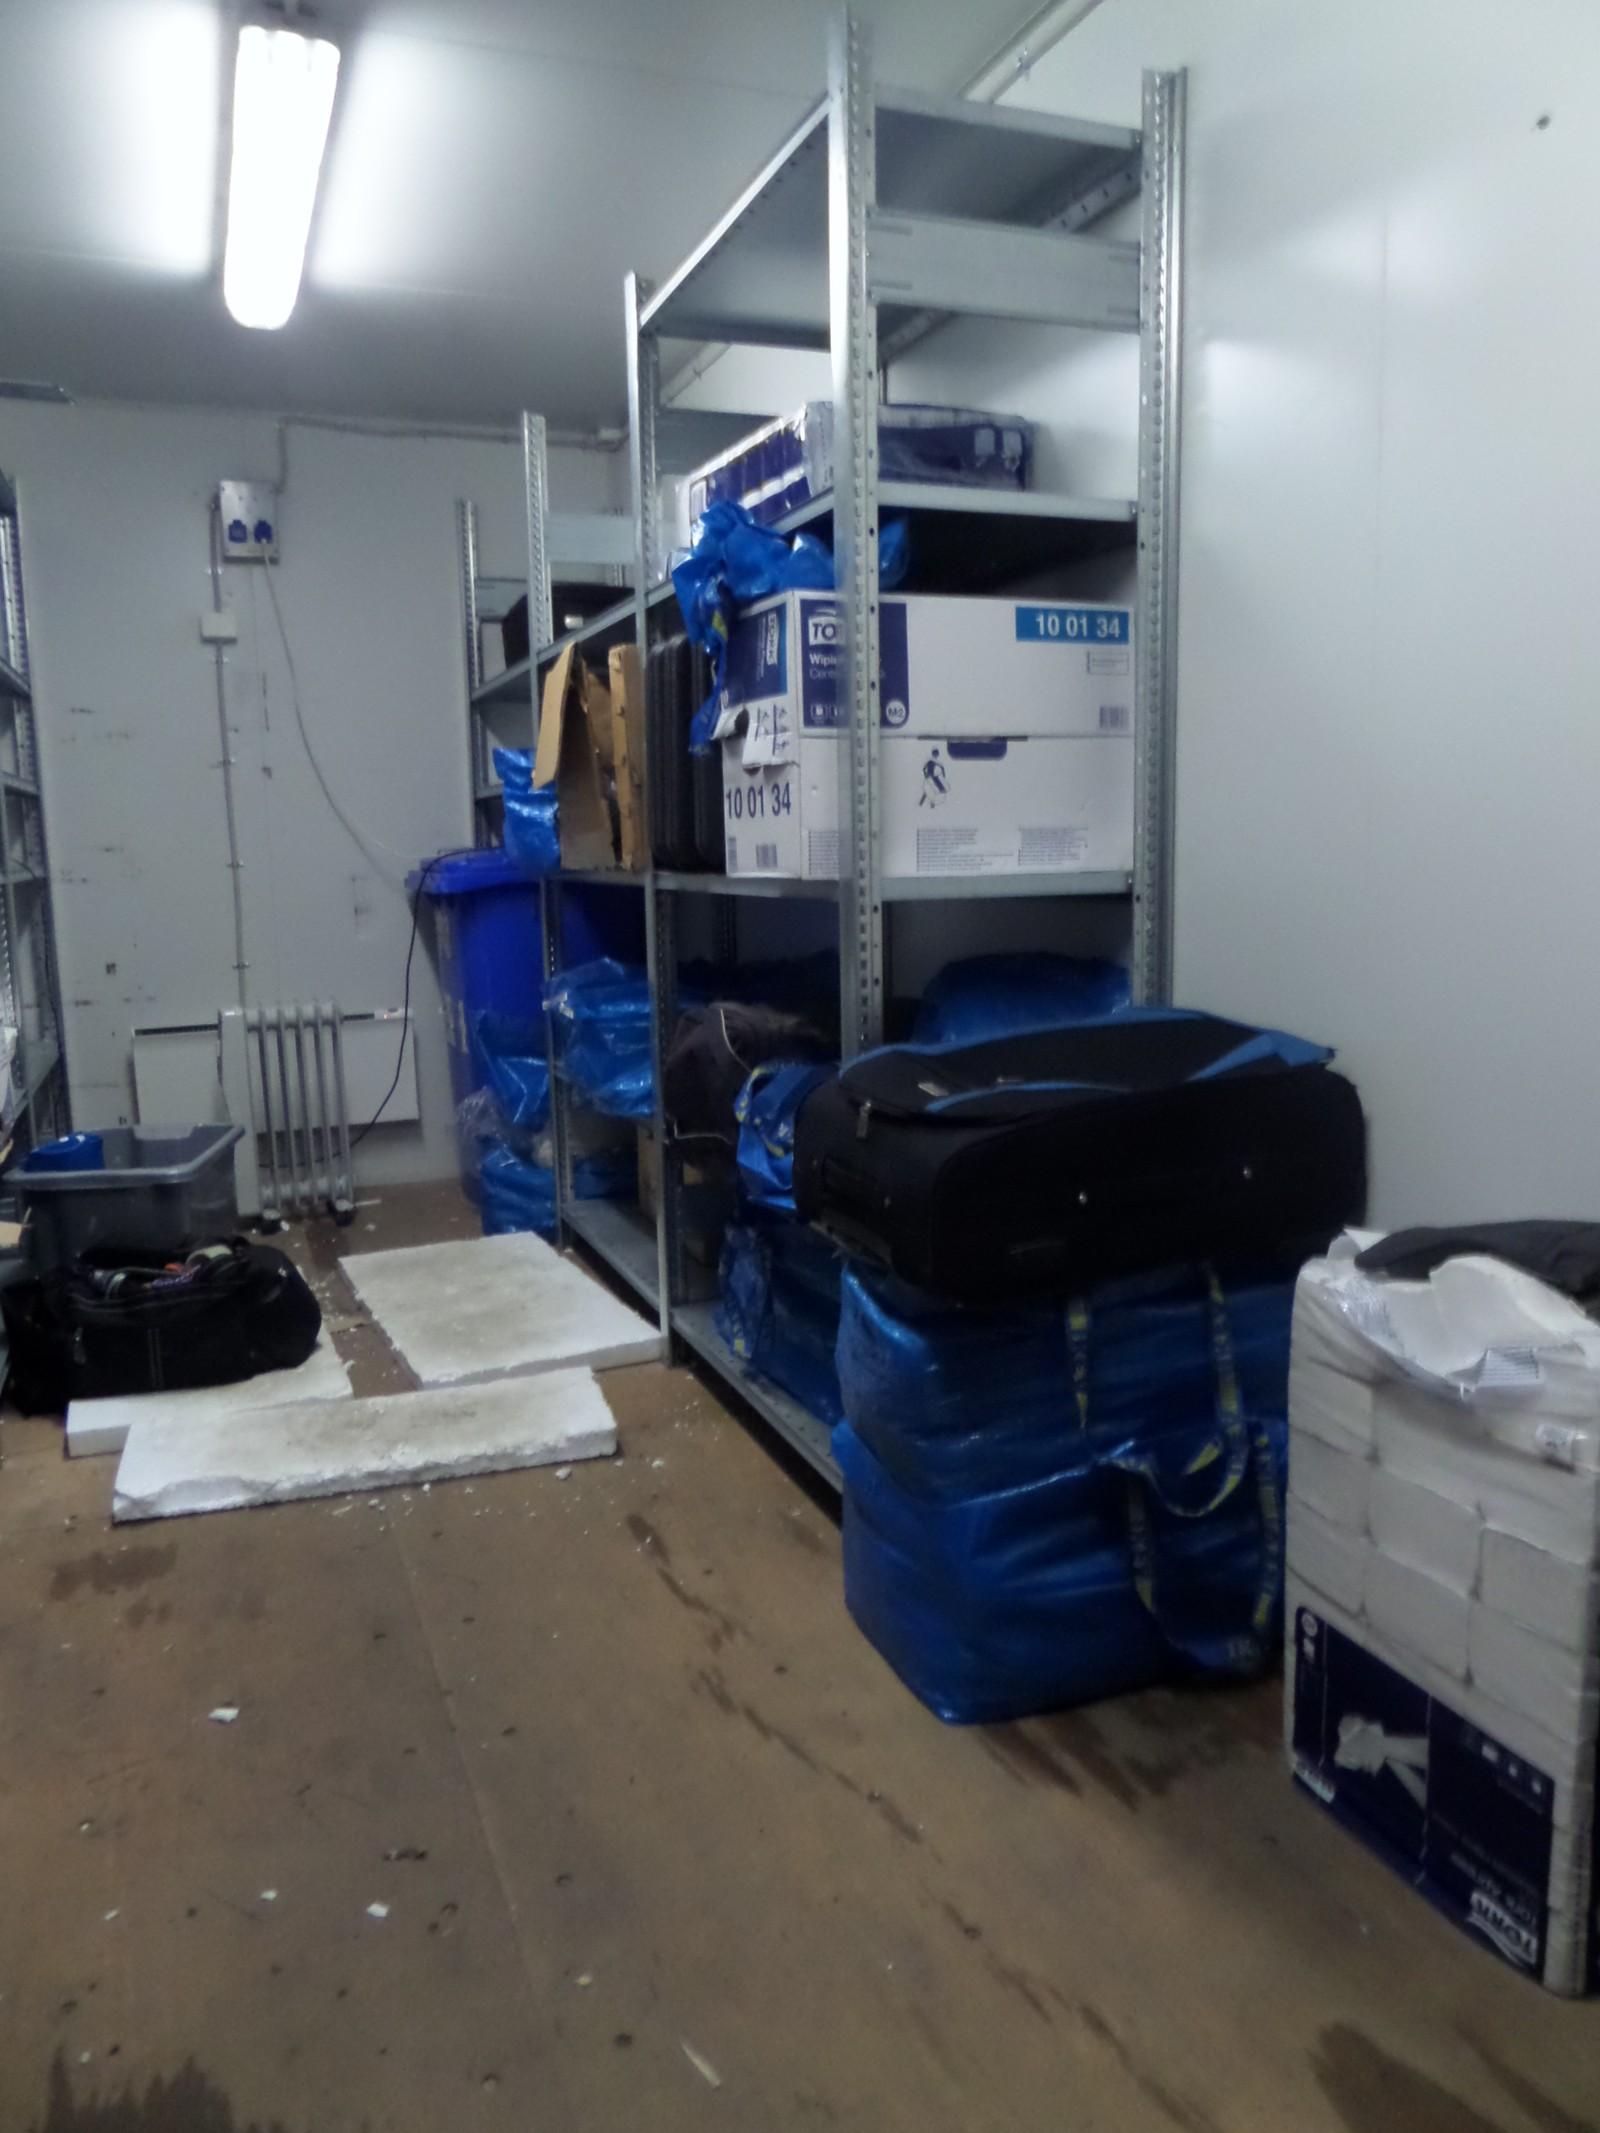 Etter å ha fulgt med over tid på en container ved Lillestrøm slår politiet til i mai 2014. Her sees innsiden av containeren der de siktede systematisk lagret narkotikaen i poser og kofferter pent stablet i hyller.